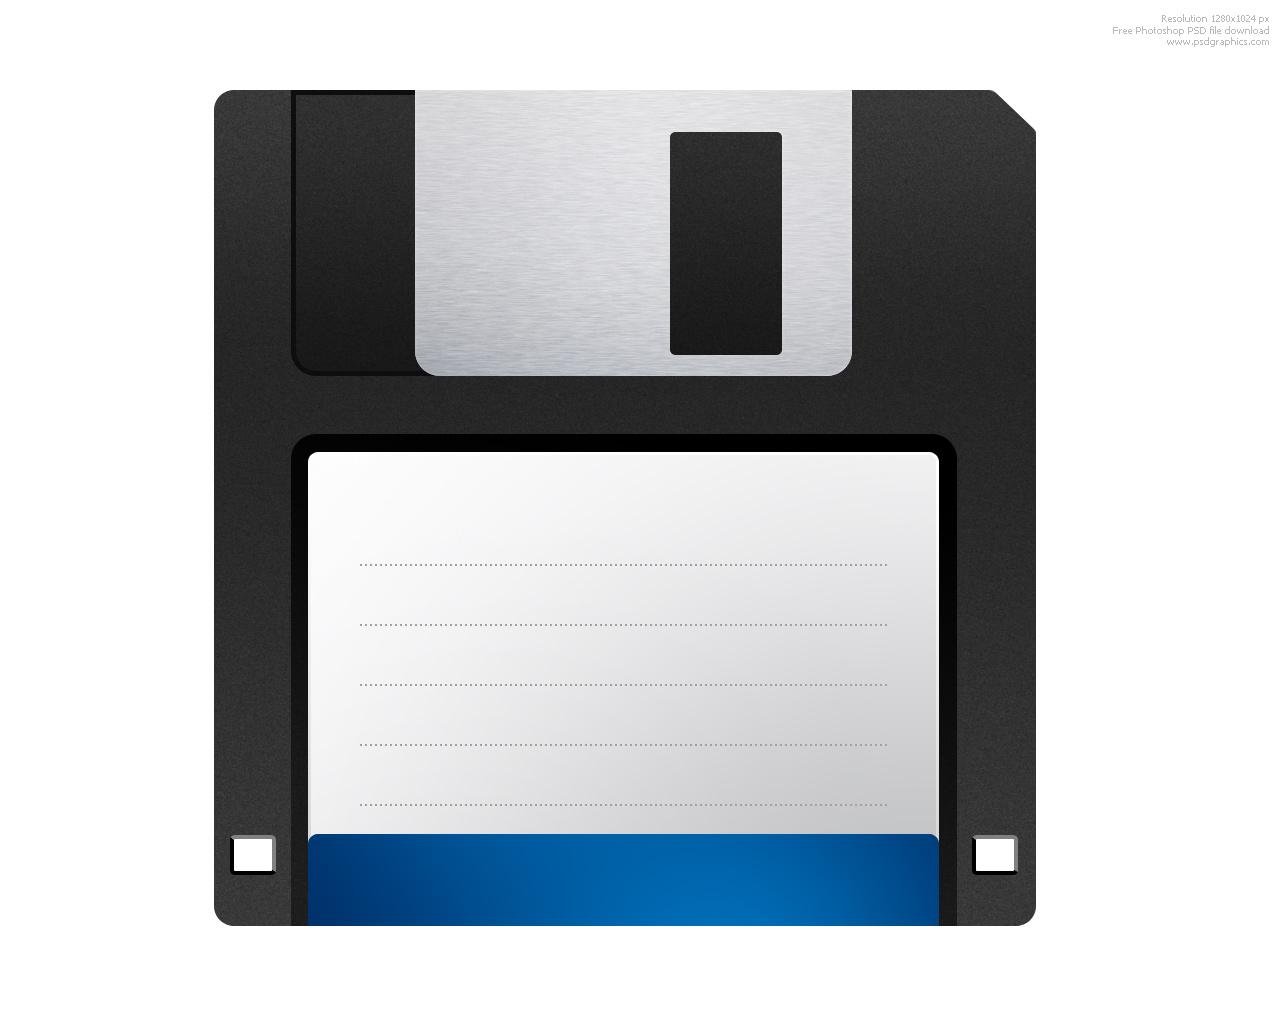 rifacimento iron jaw Floppy-disk-icon